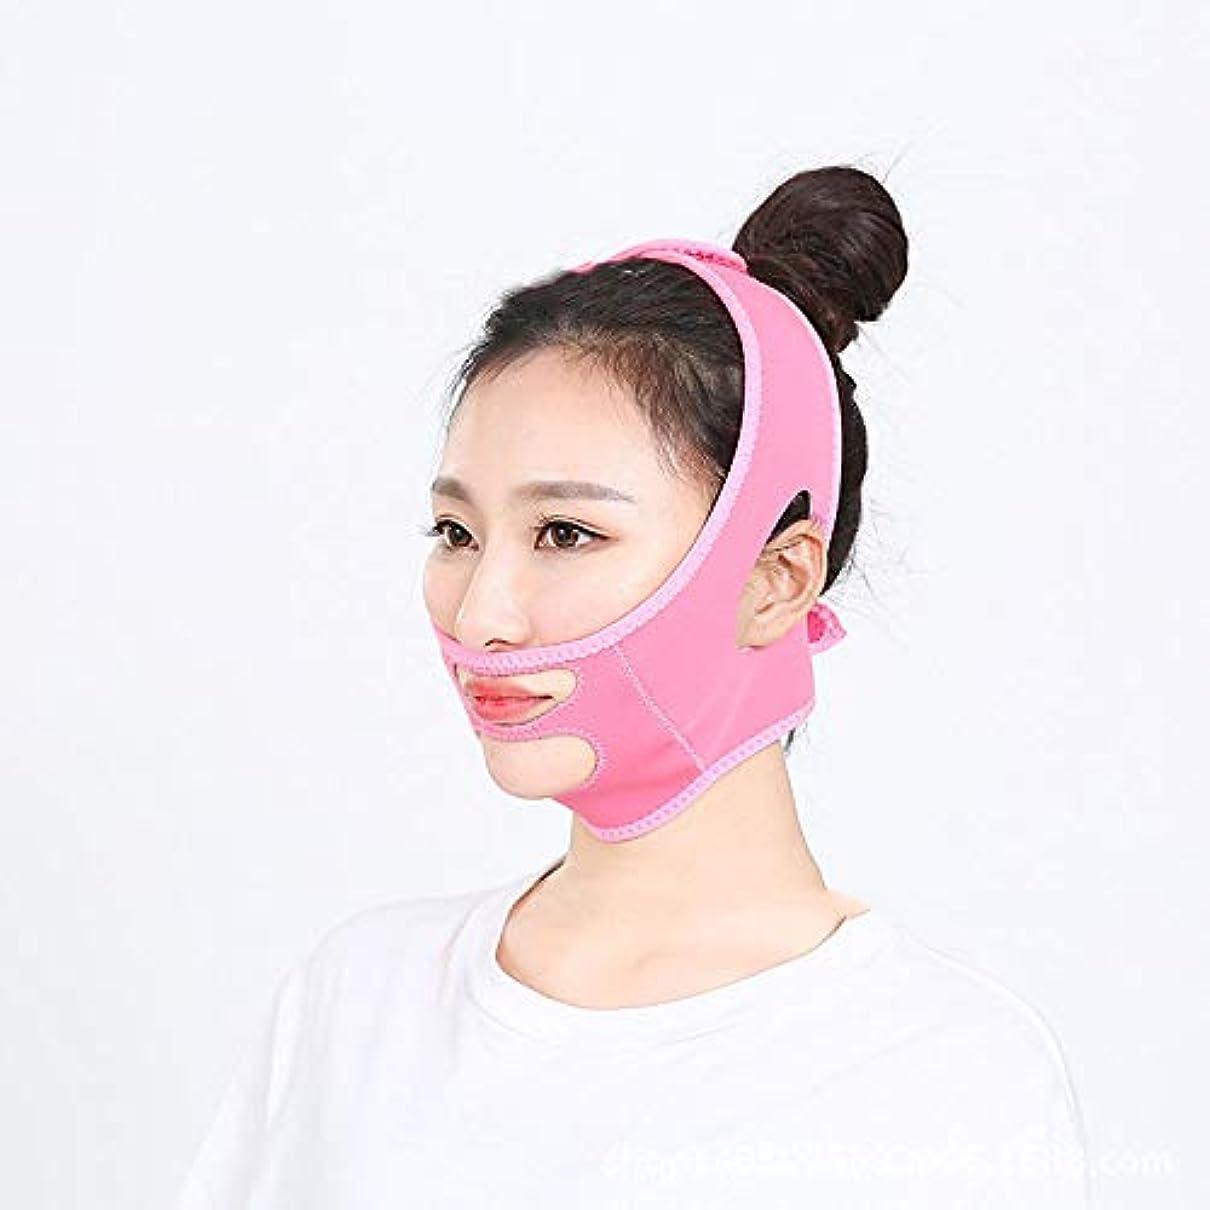 ジャニスどれでも結核フェイスリフトマスク包帯、フェイスリフティングアーティファクト/vフェイススリープマスク/フェイスリフト補正メロンフェイスシェイパー(ブルー/パープル/ピンク),Pink